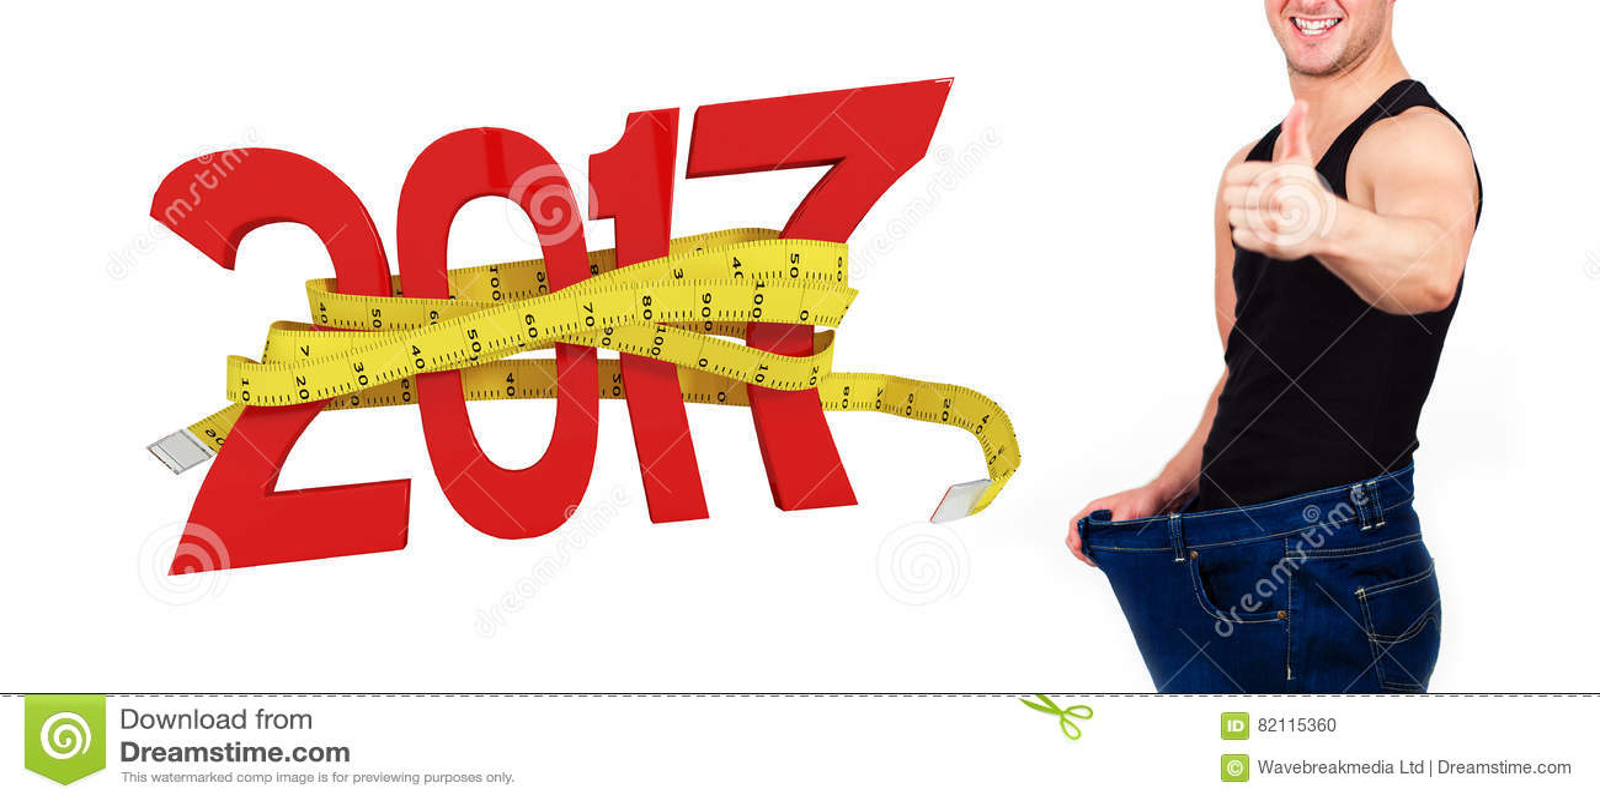 Imagem composta da imagem digitalmente gerada do ano novo com fita métrica